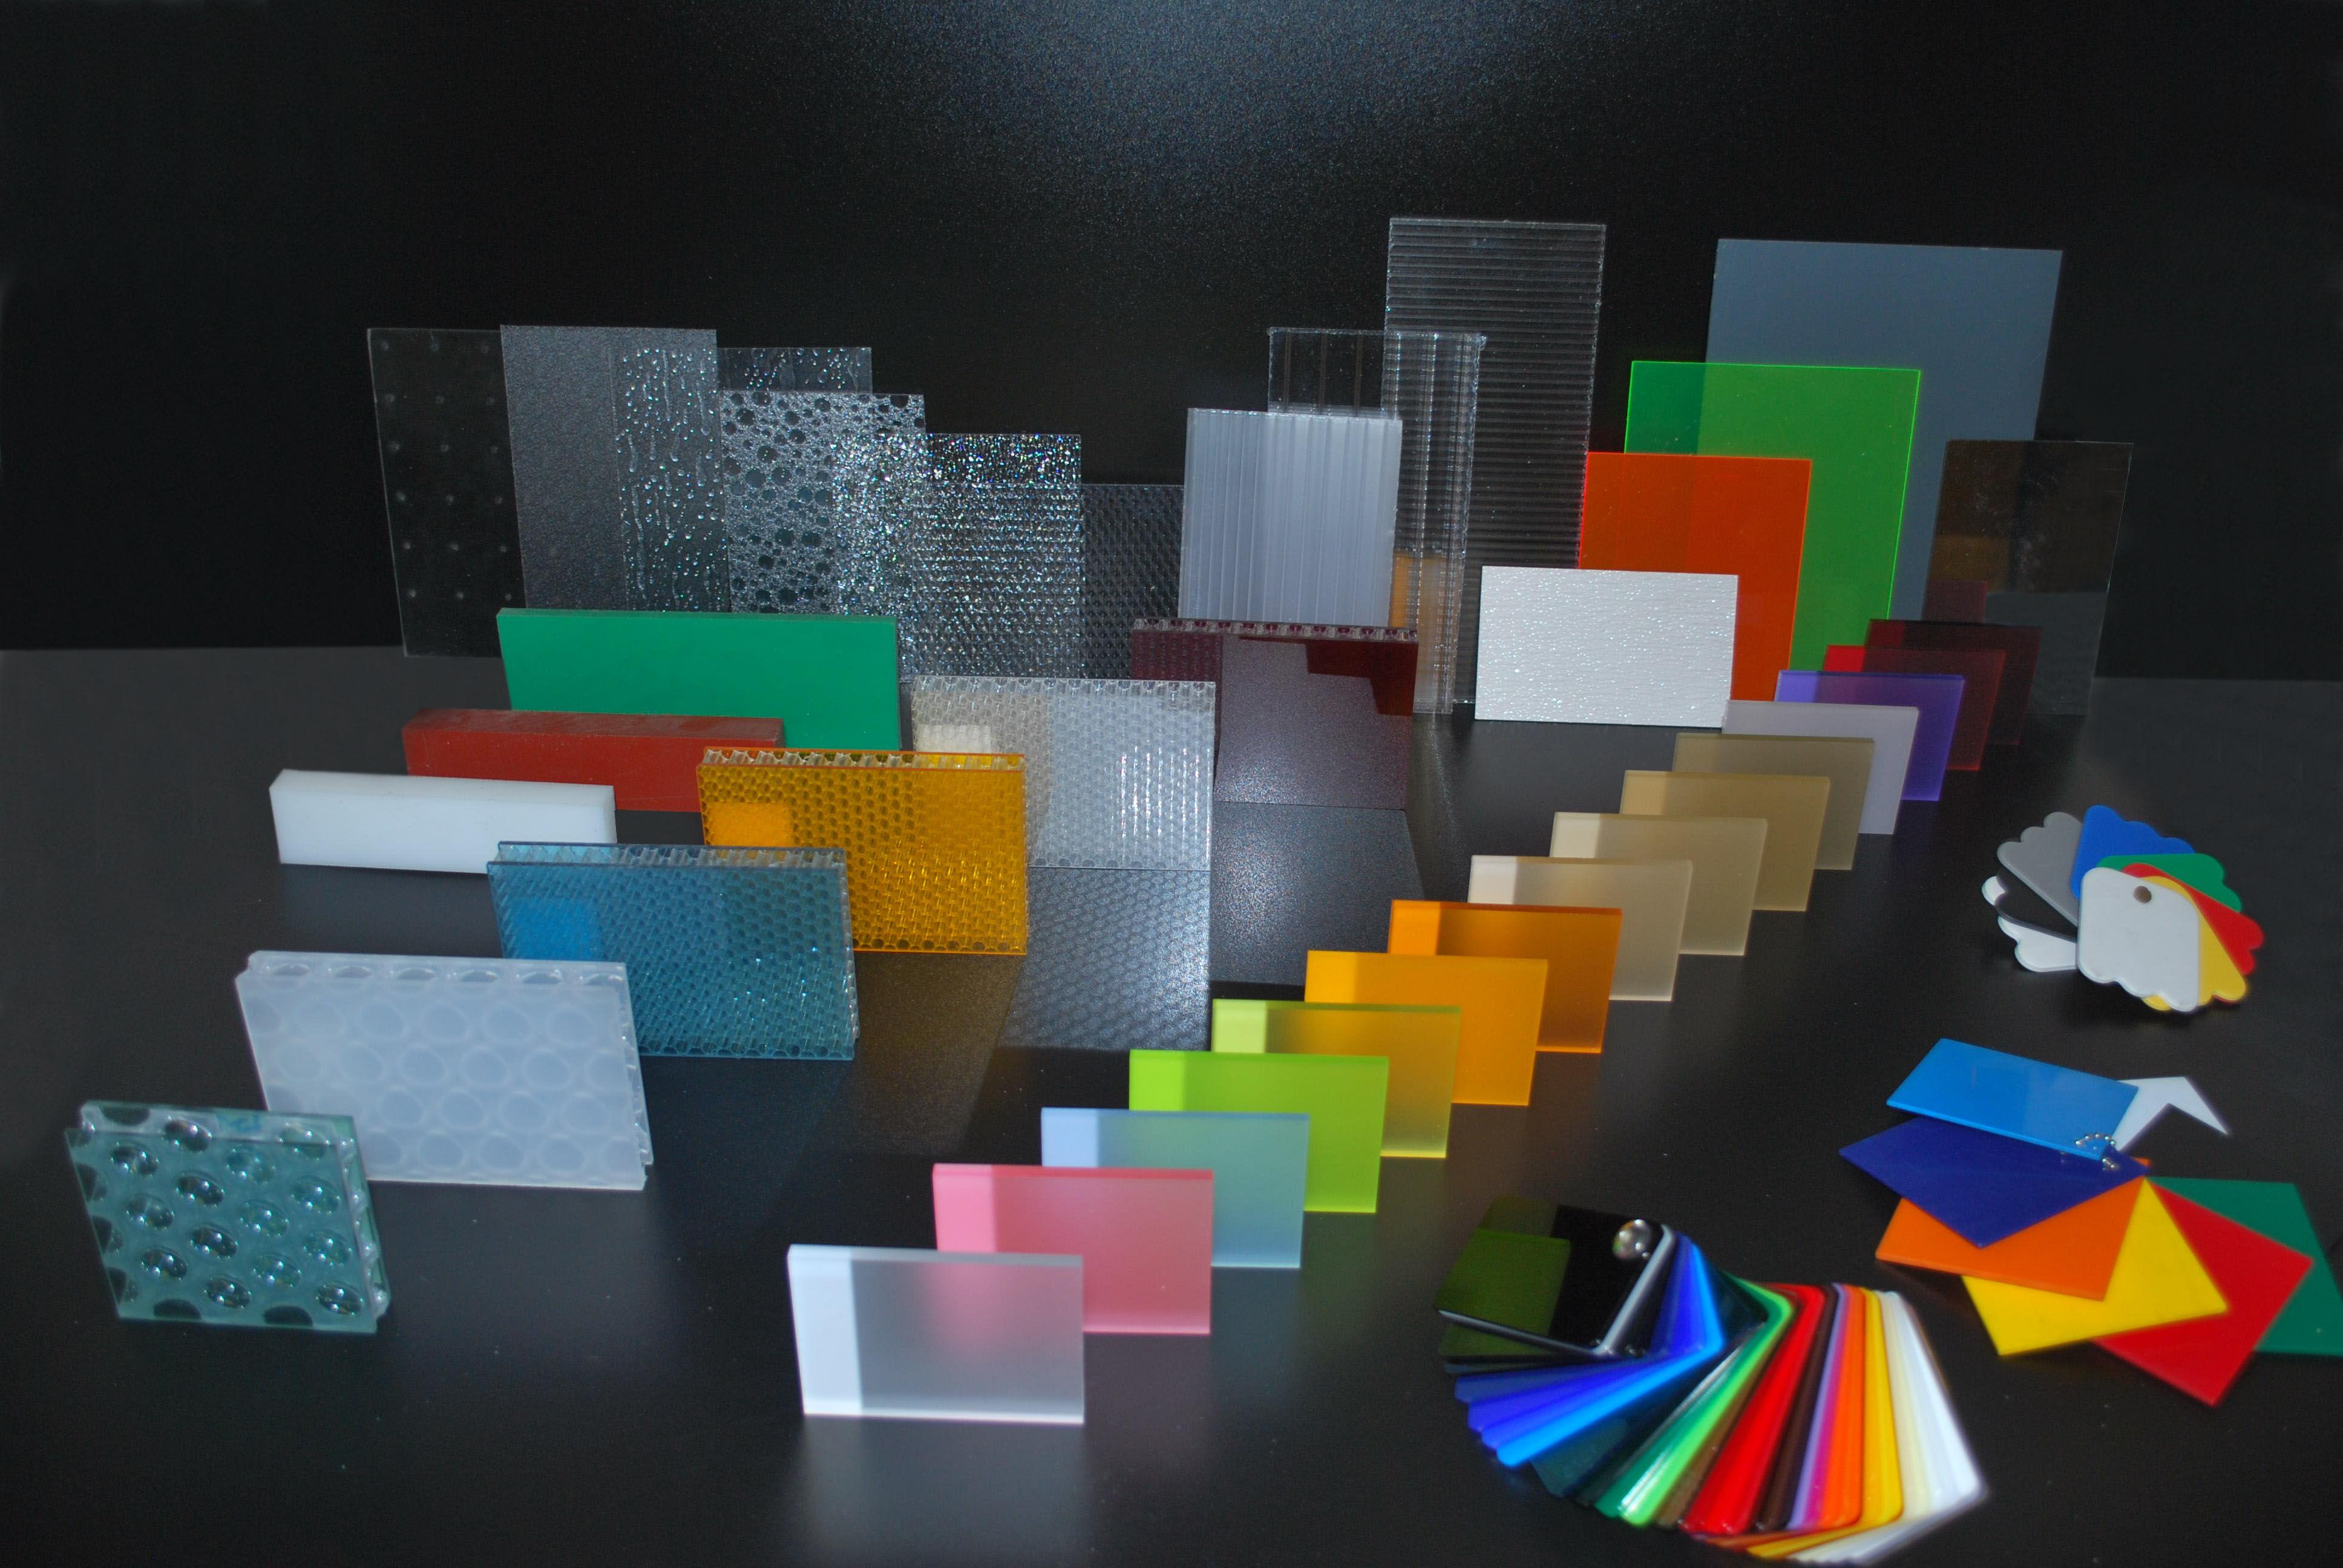 Foto 2 de pl sticos resinas y caucho en madrid - Planchas metacrilato madrid ...